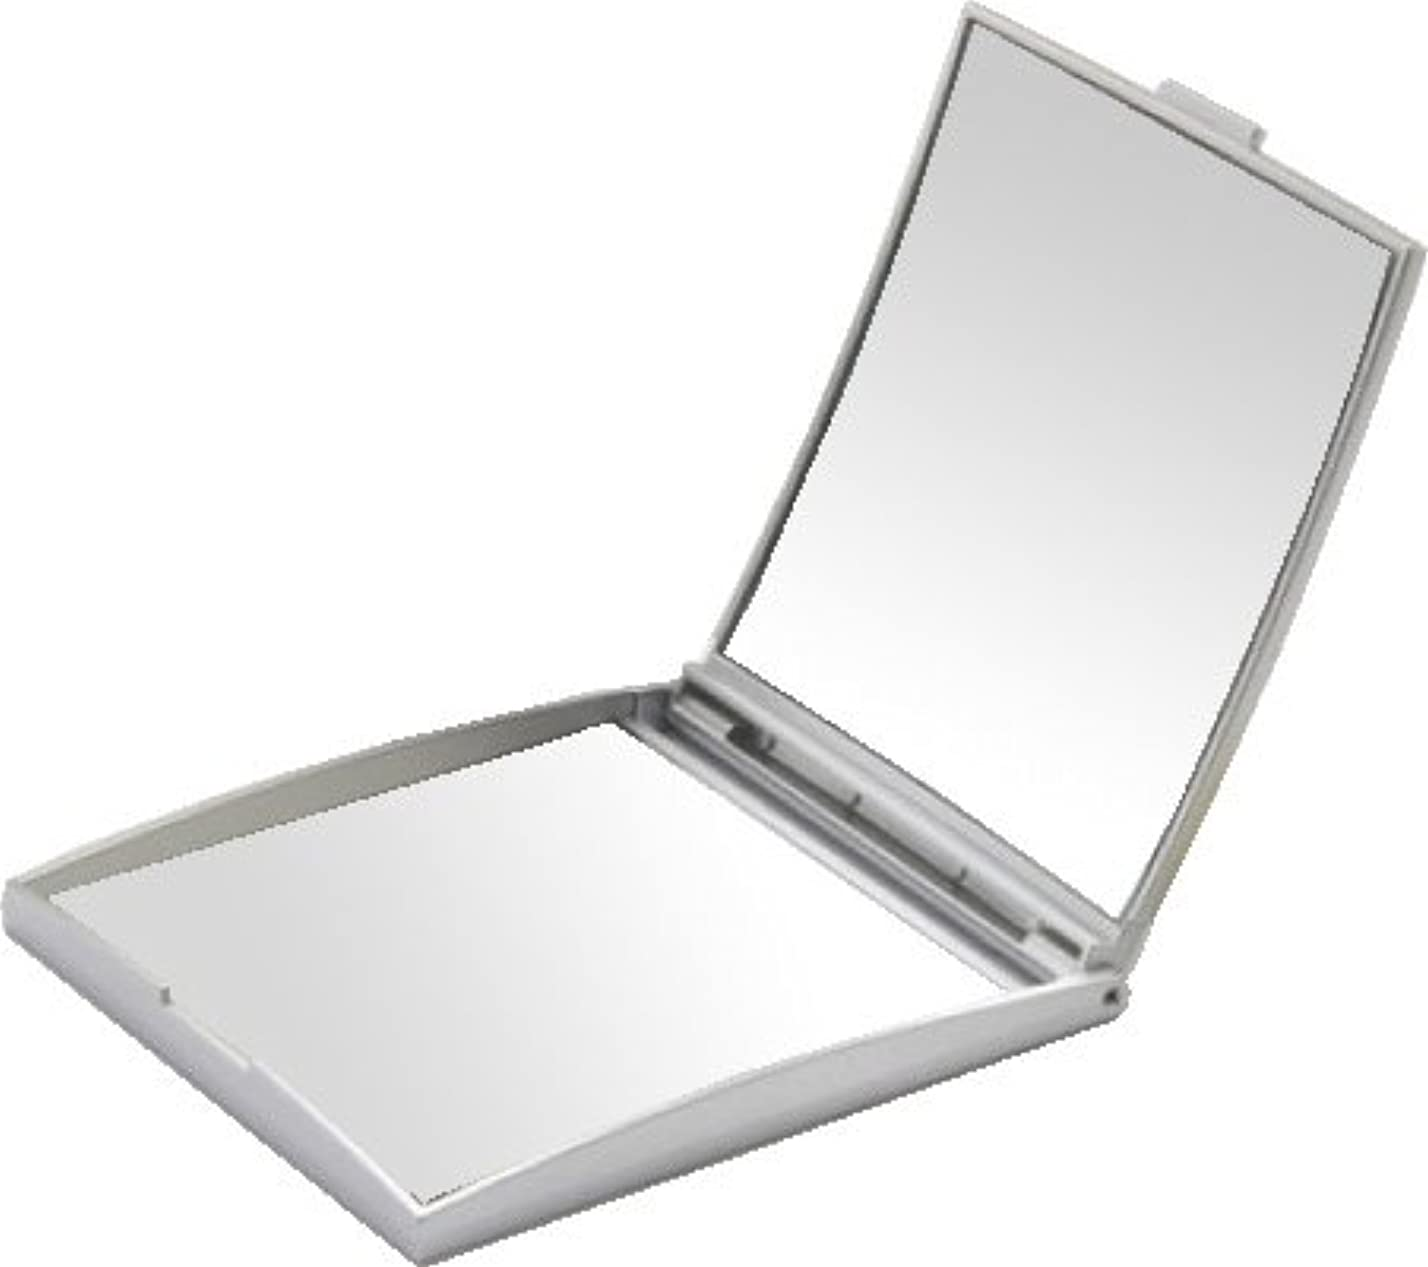 乳製品作り訴えるメリー 片面約5倍拡大鏡付コンパクトミラー Sサイズ シルバー AD-105